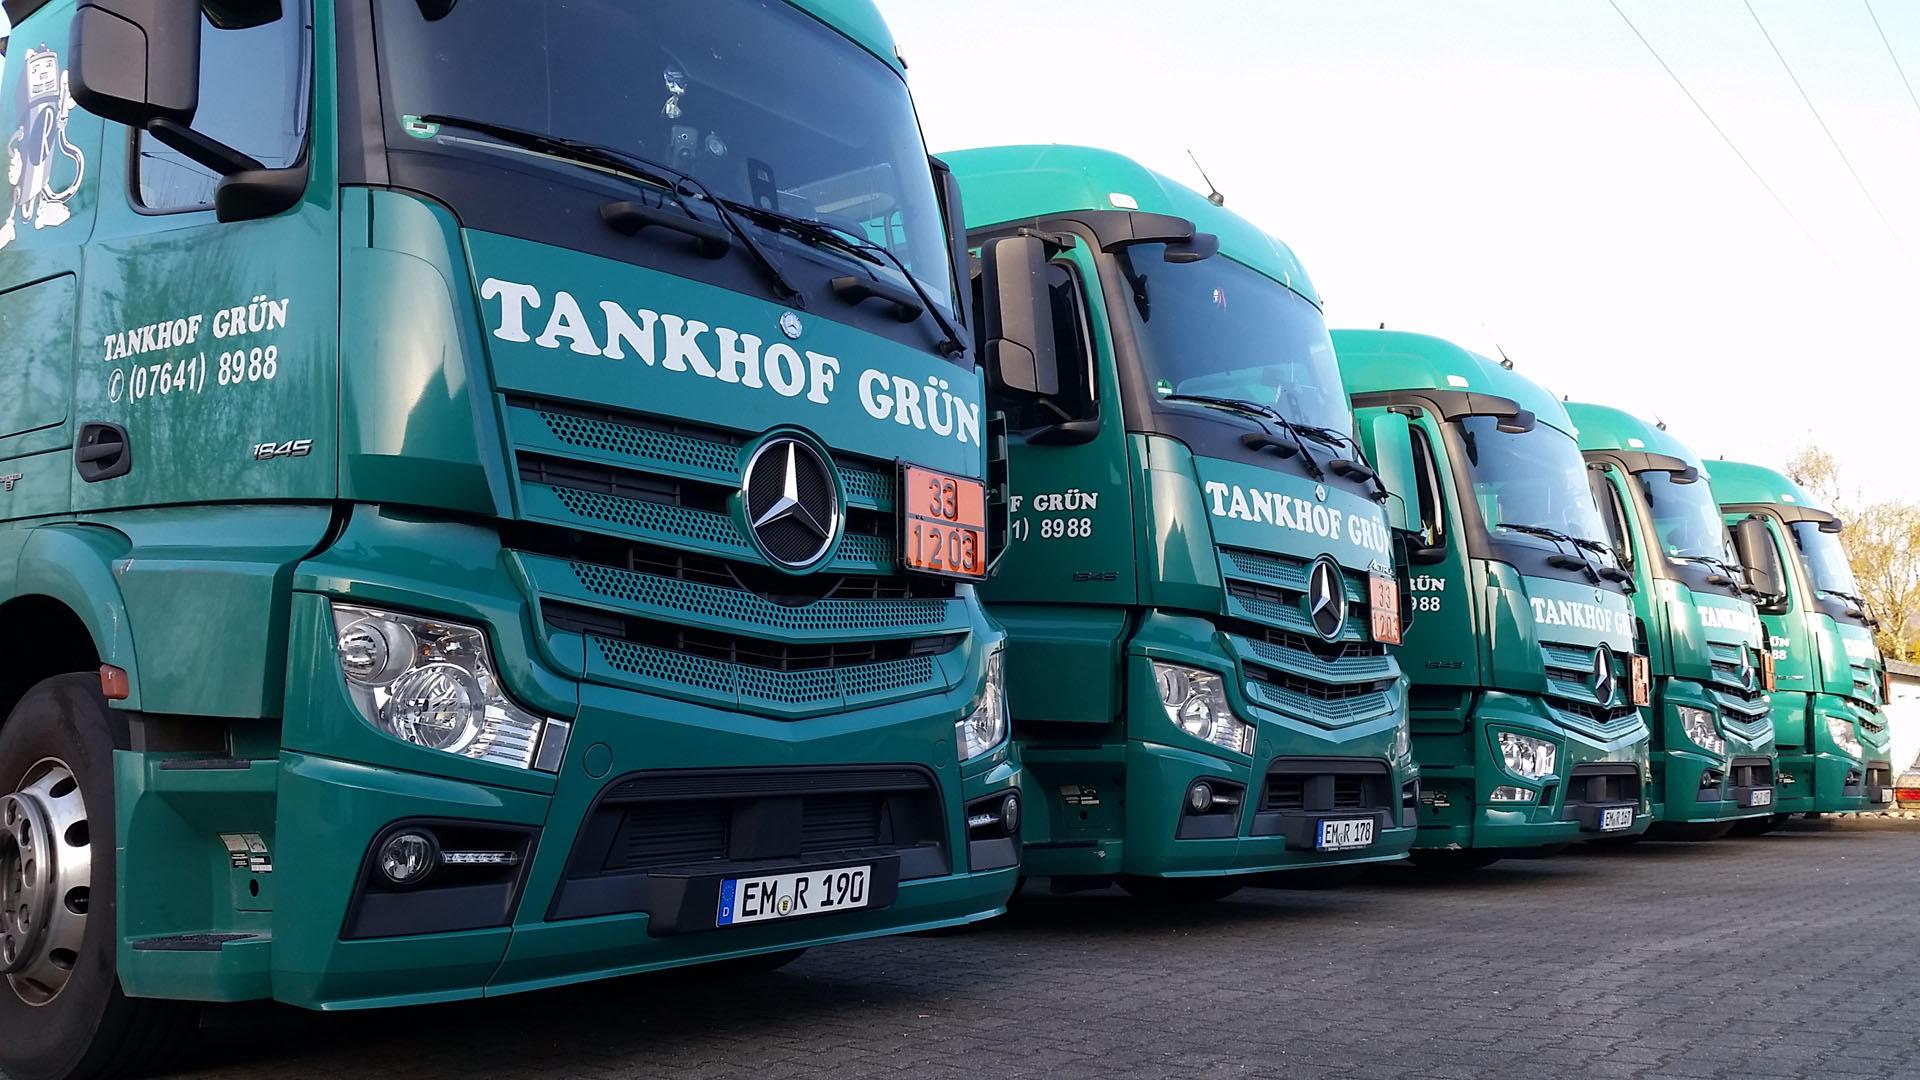 Tankhof gr n brennstoffe in emmendingen am elzdamm 48 49 for Emmendingen industrie